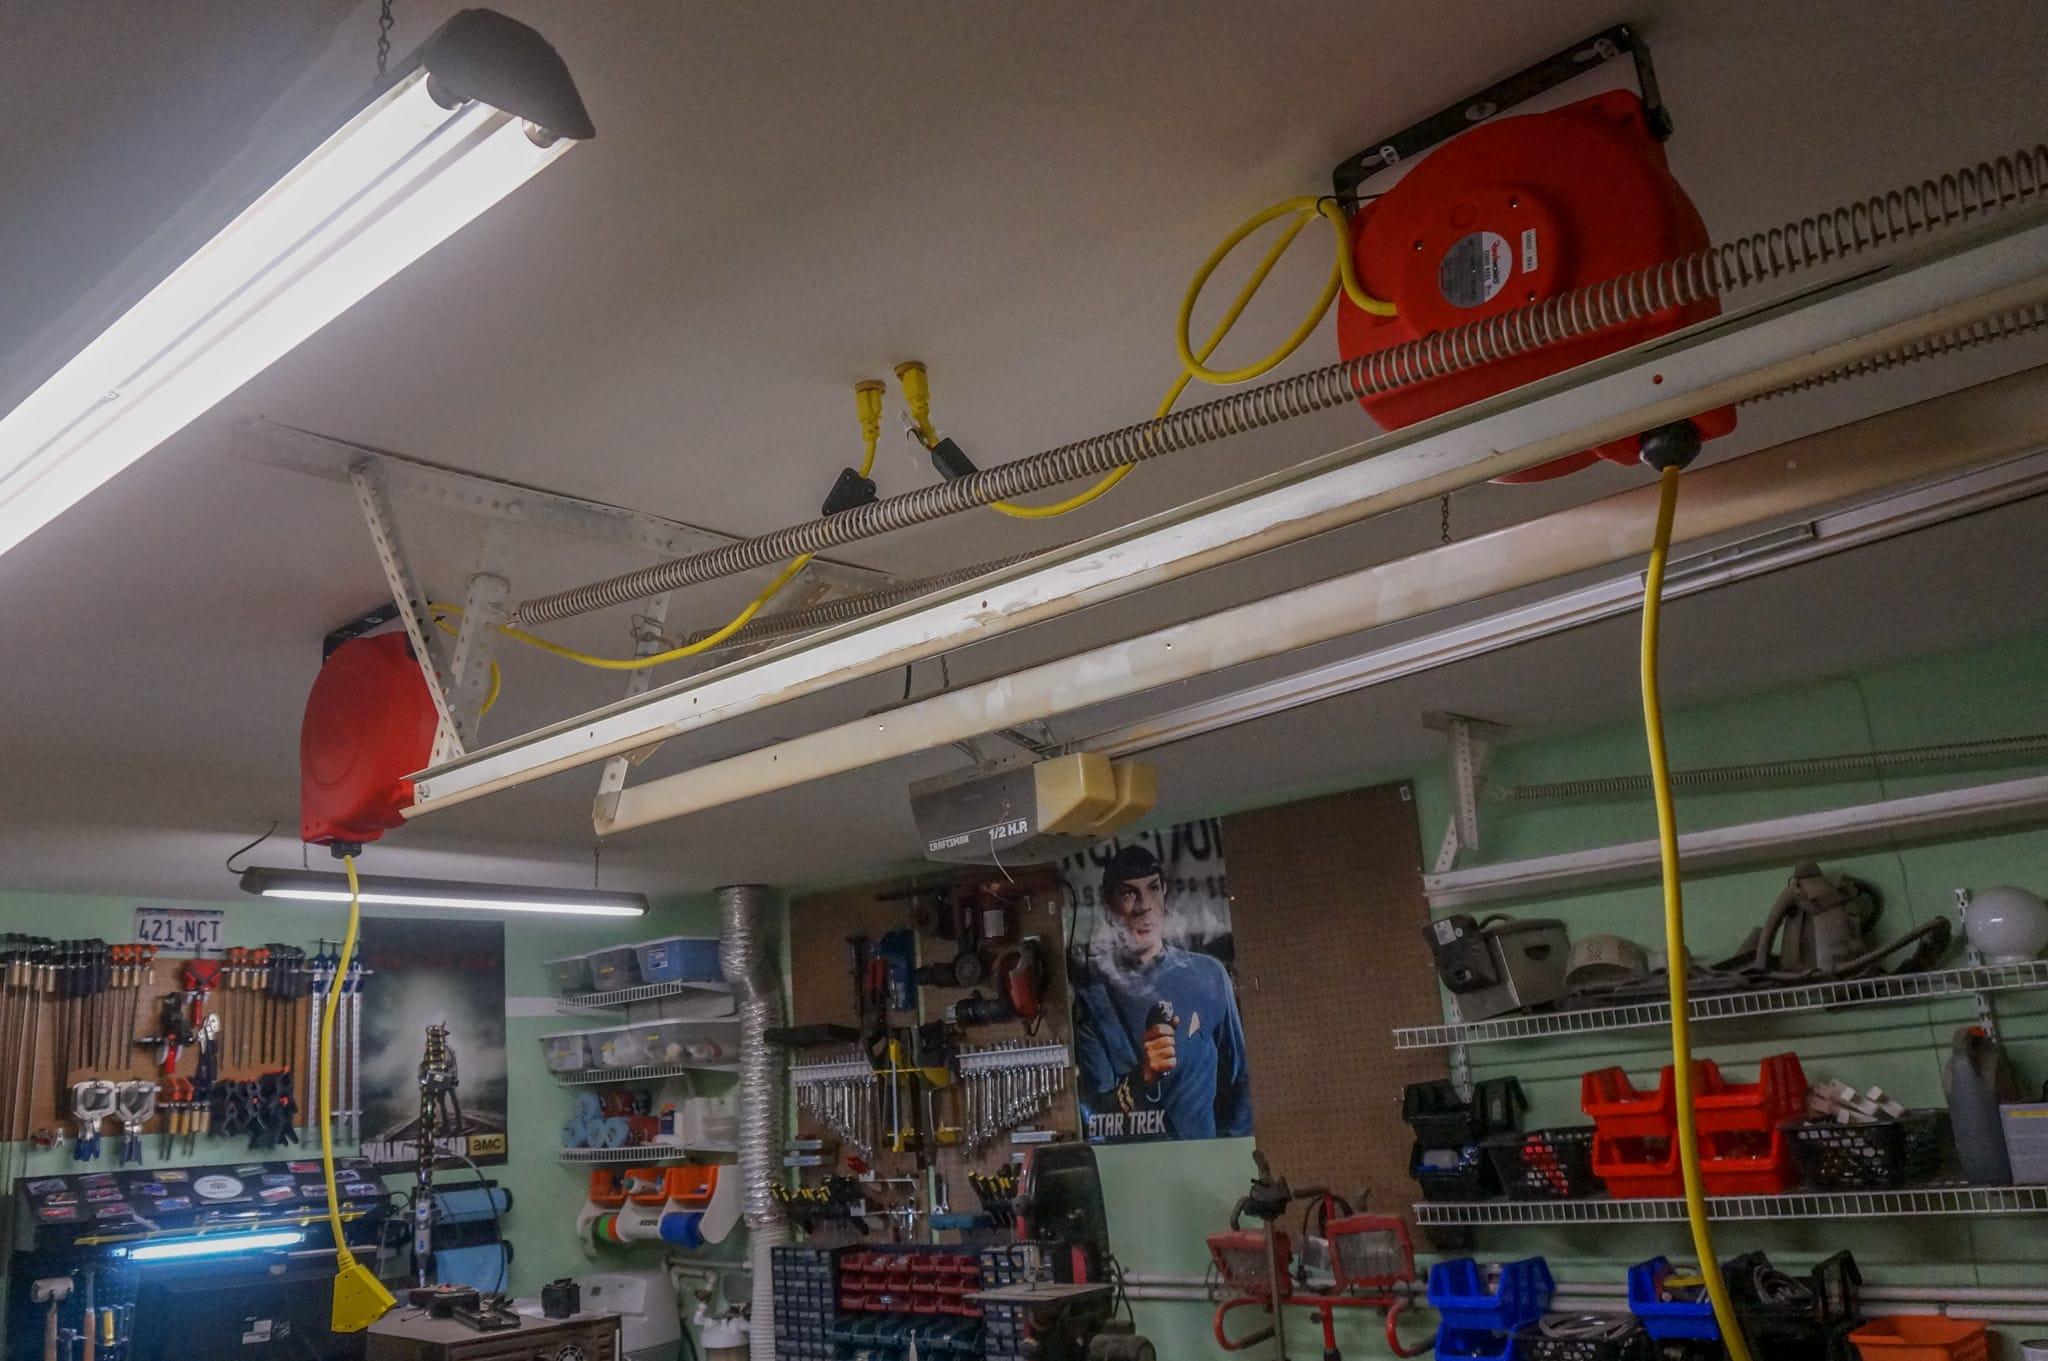 Обустройство мастерской своими руками | Электроснабжение в мастерской